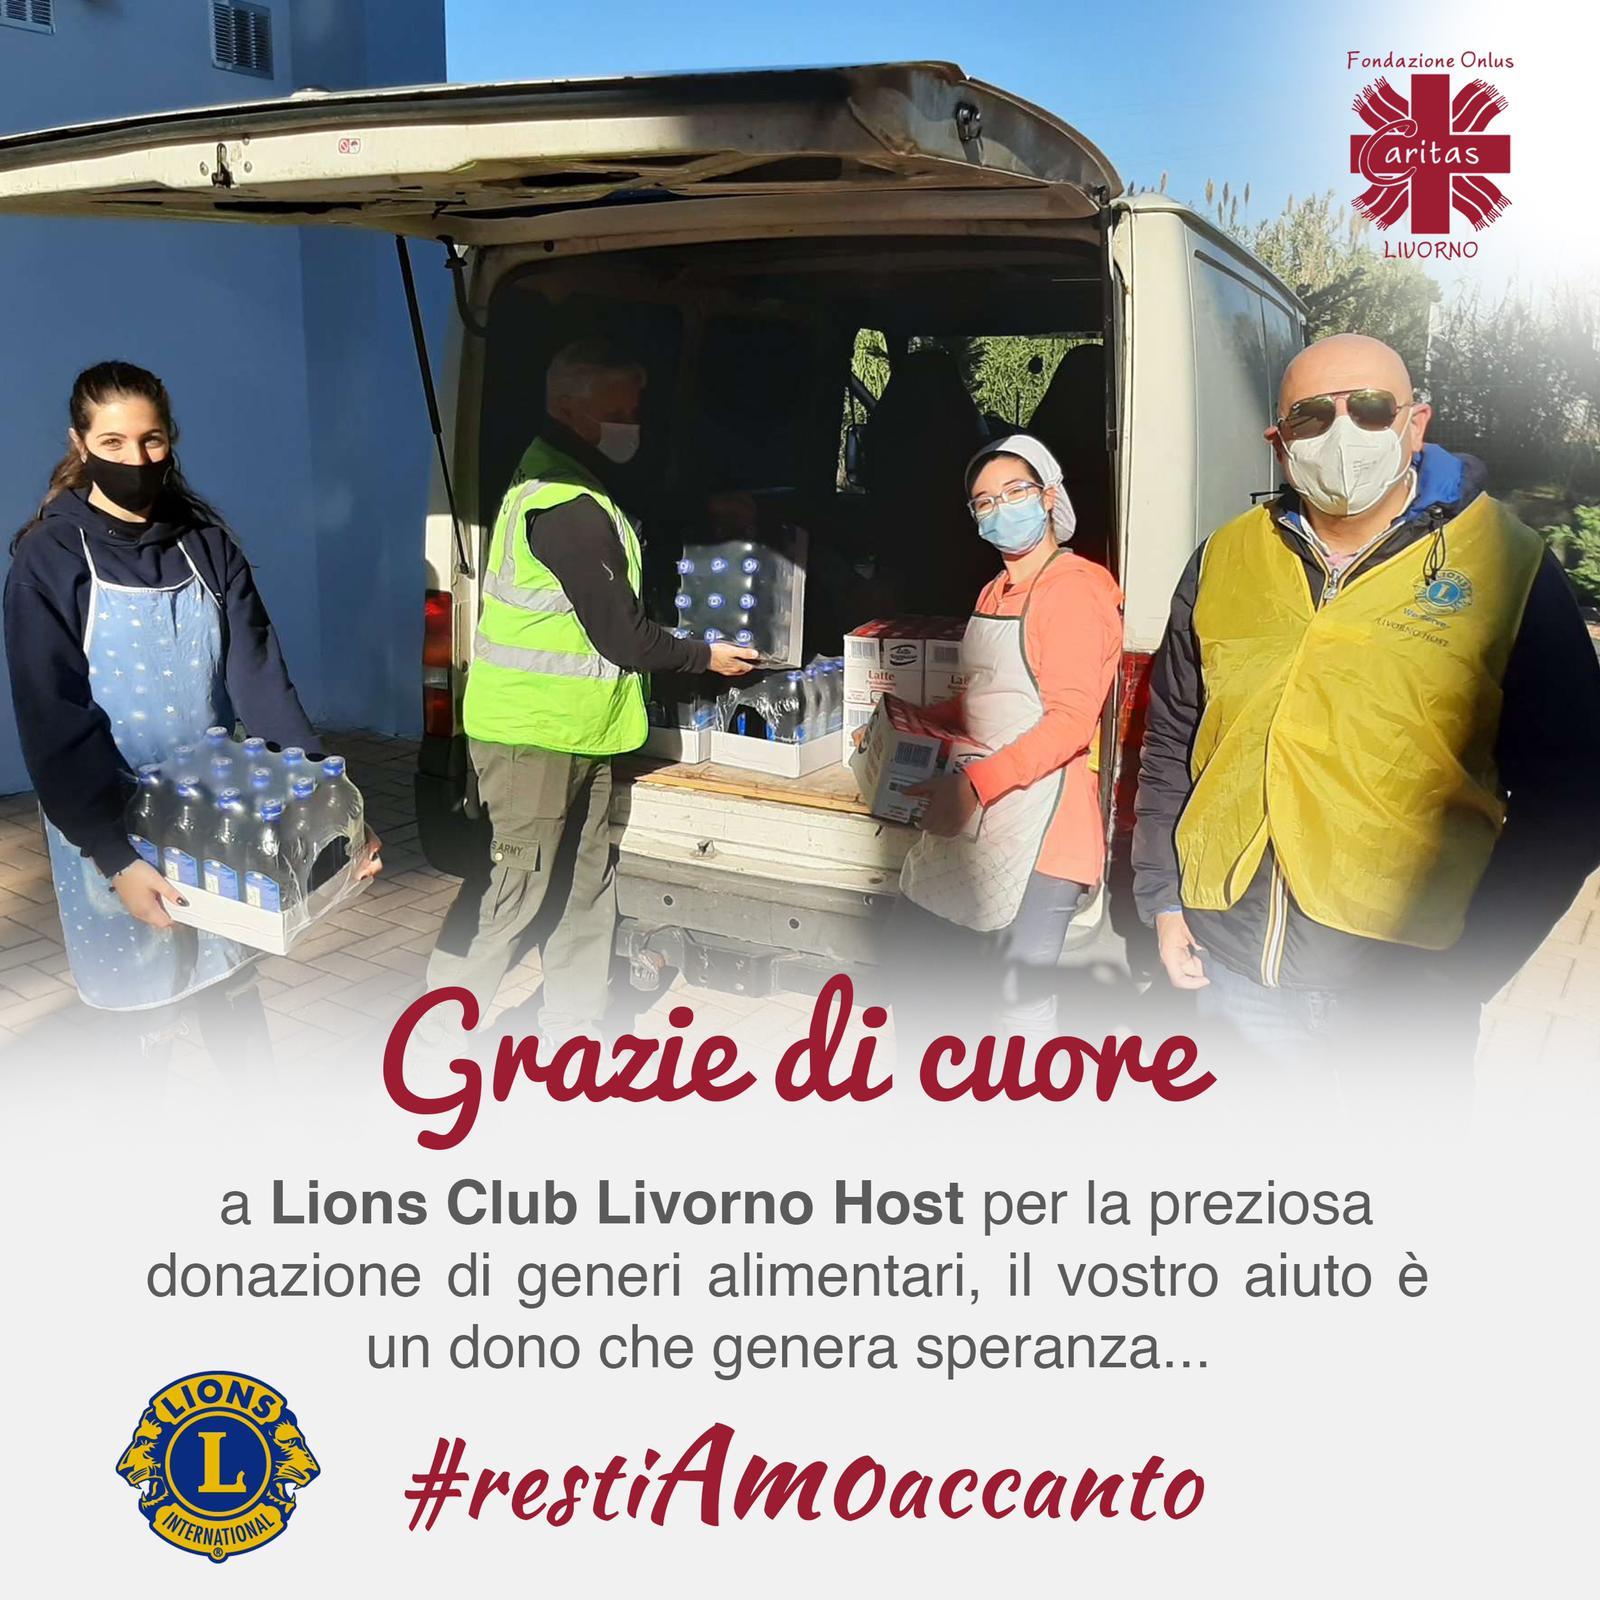 Grazie al Lions Club Livorno Host per la preziosa donazione di generi alimentari